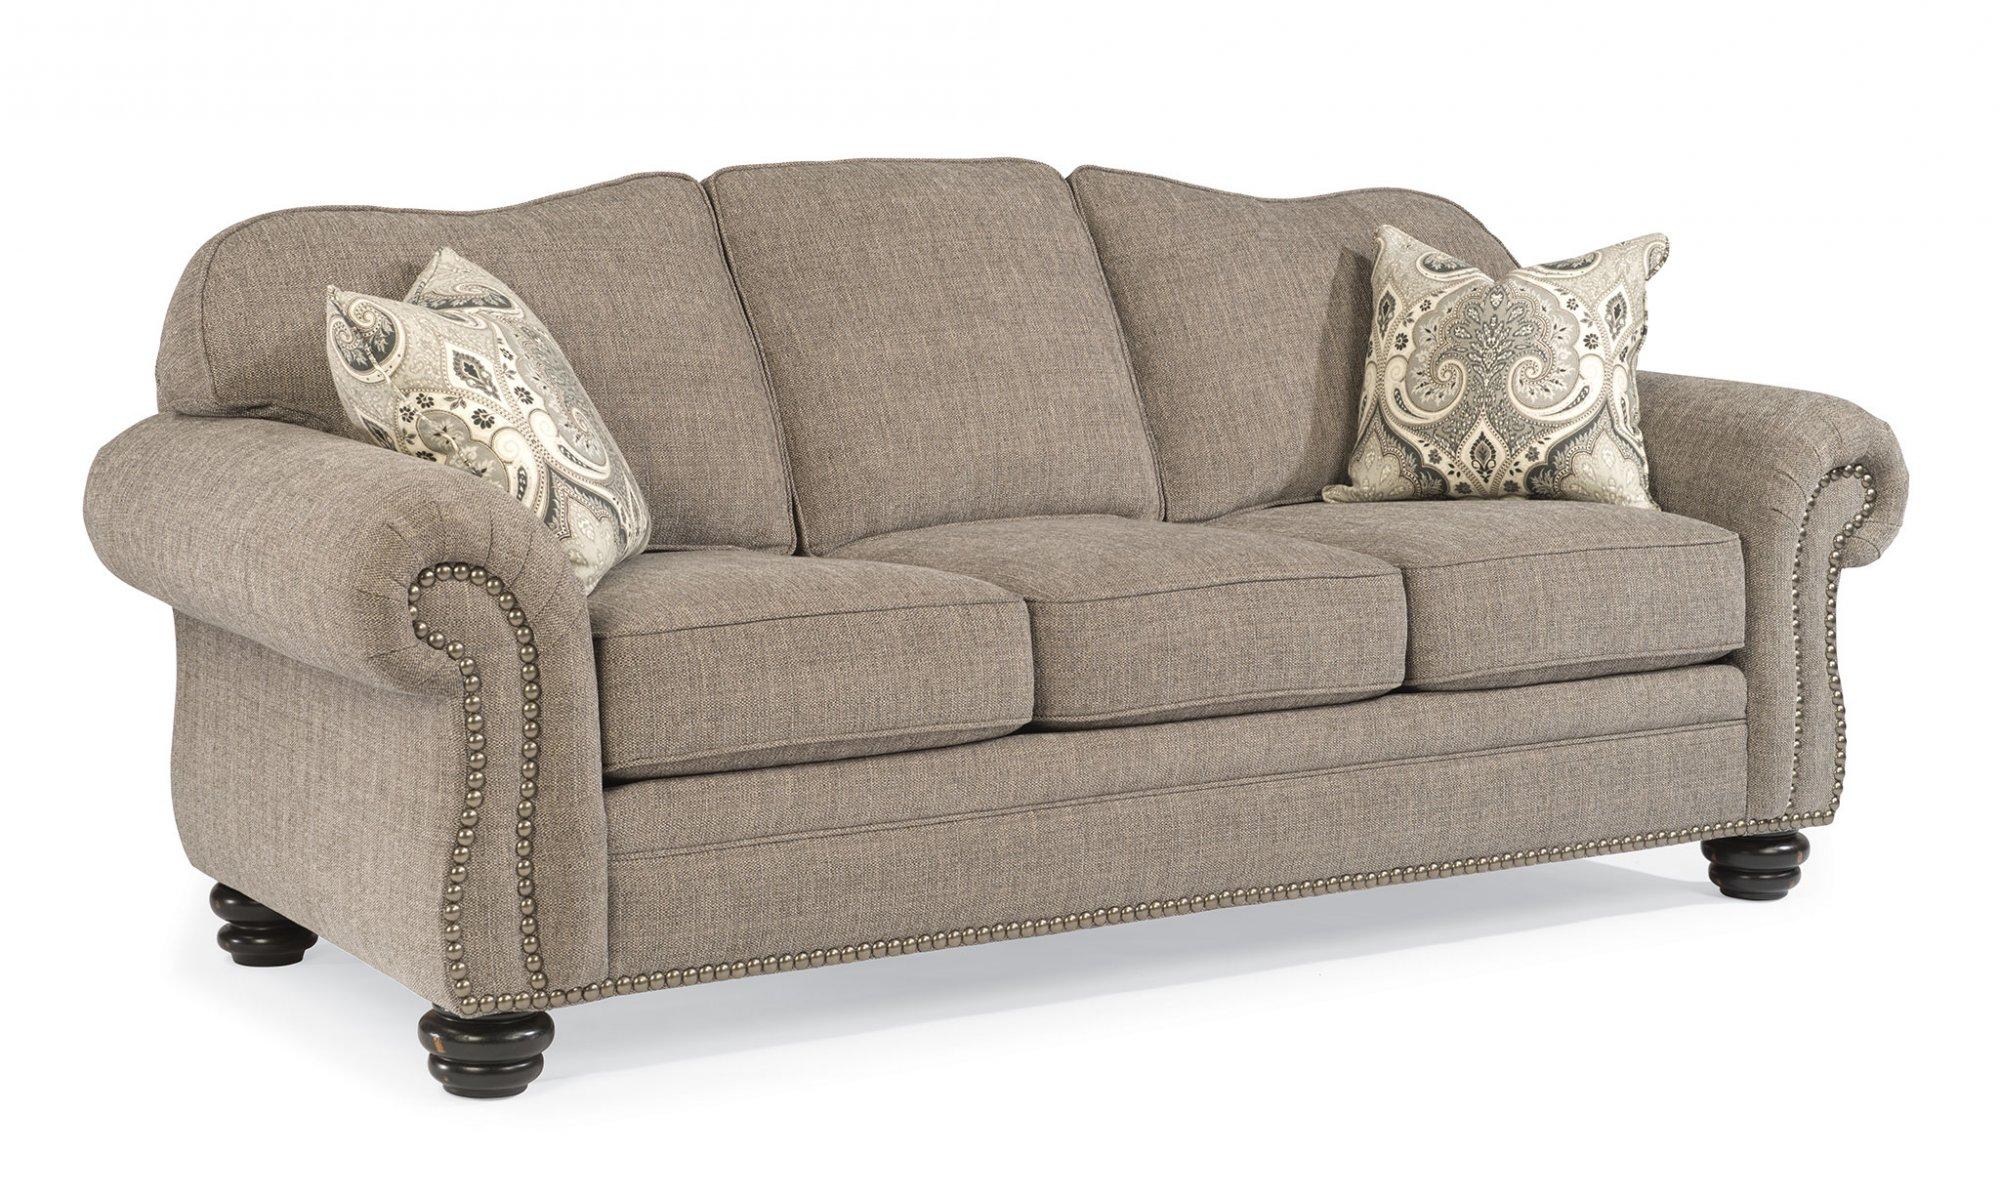 Ikea Futon   Balkarp Sofa Bed   Sofa Trundle